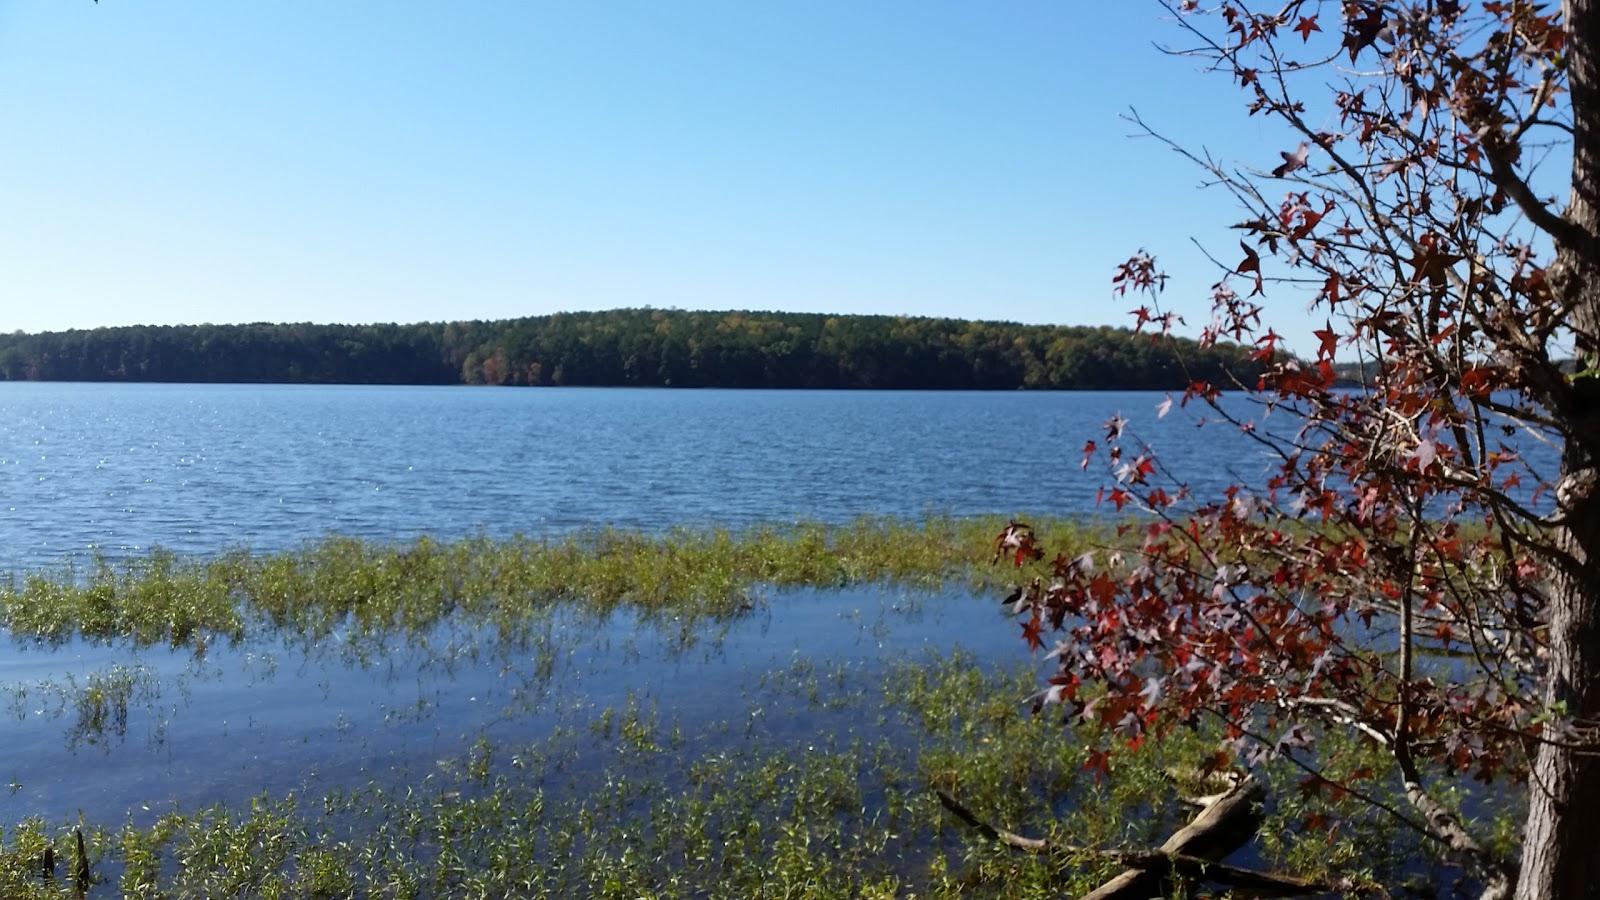 Badin lake campground recgovnpsdata around guides for Badin lake fishing